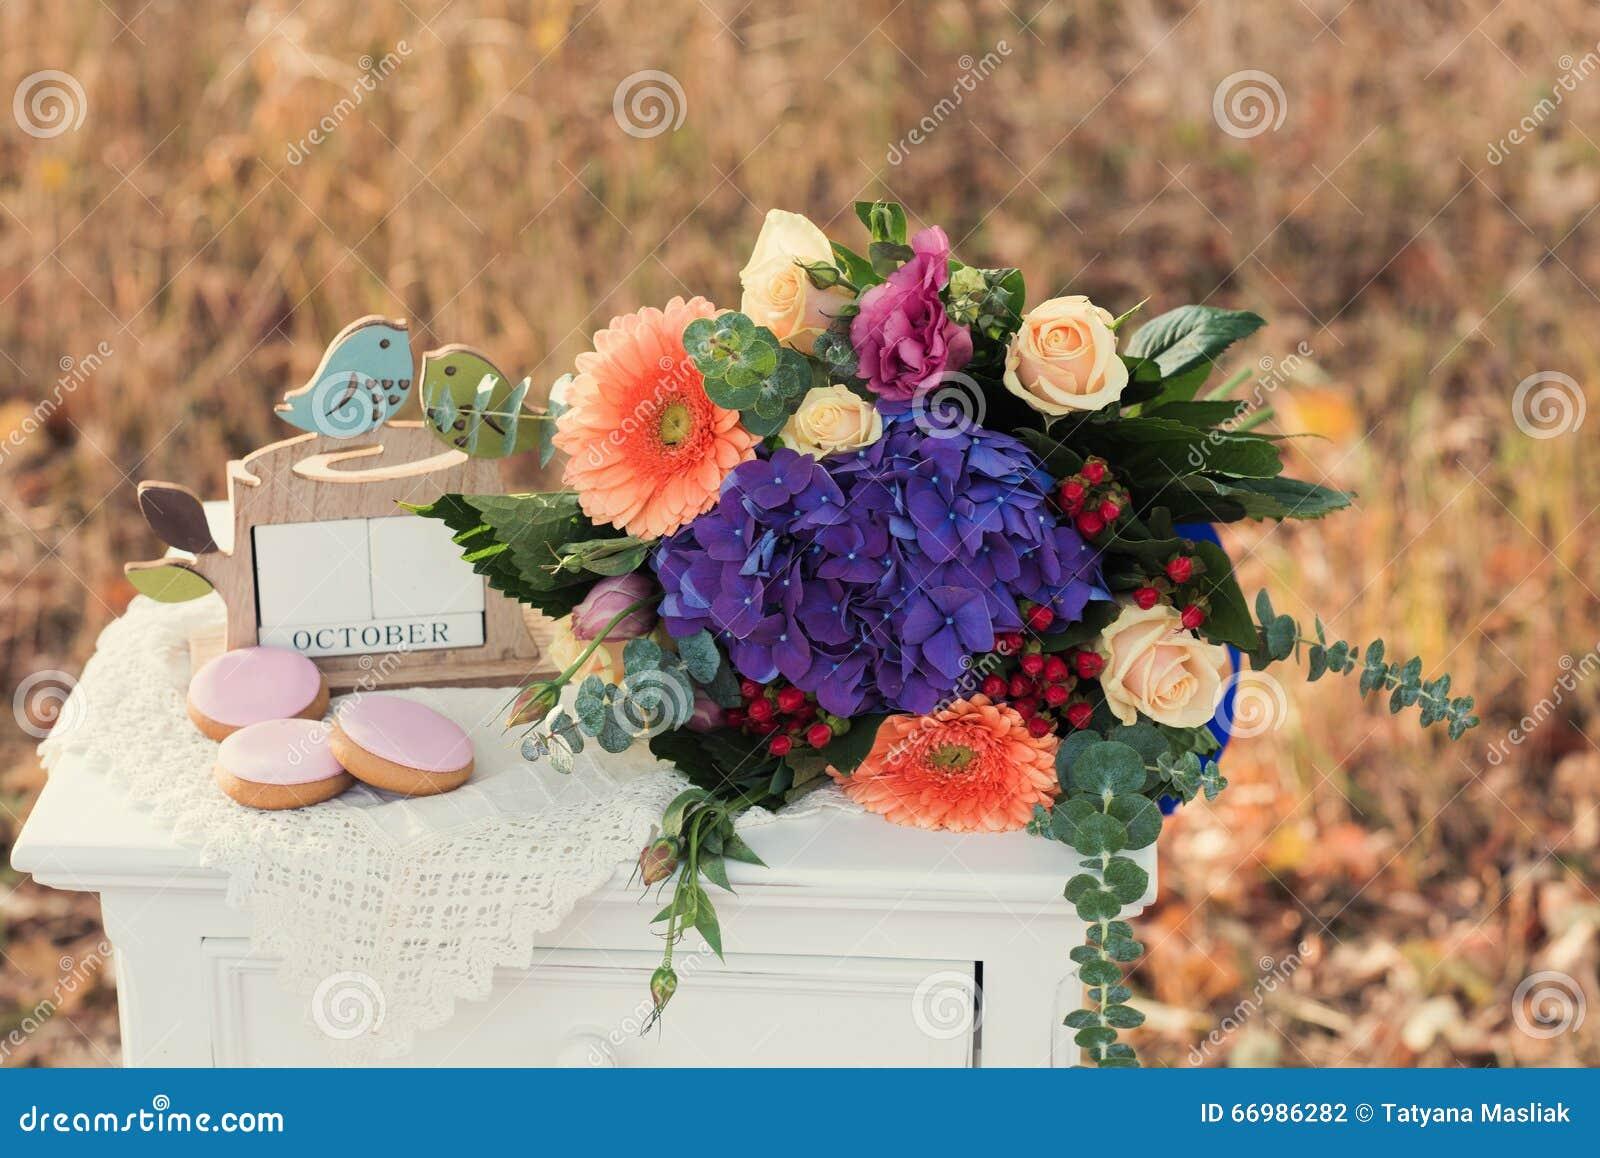 Schoner Hochzeitsblumenstrauss Von Bunten Blumen Dekorationen